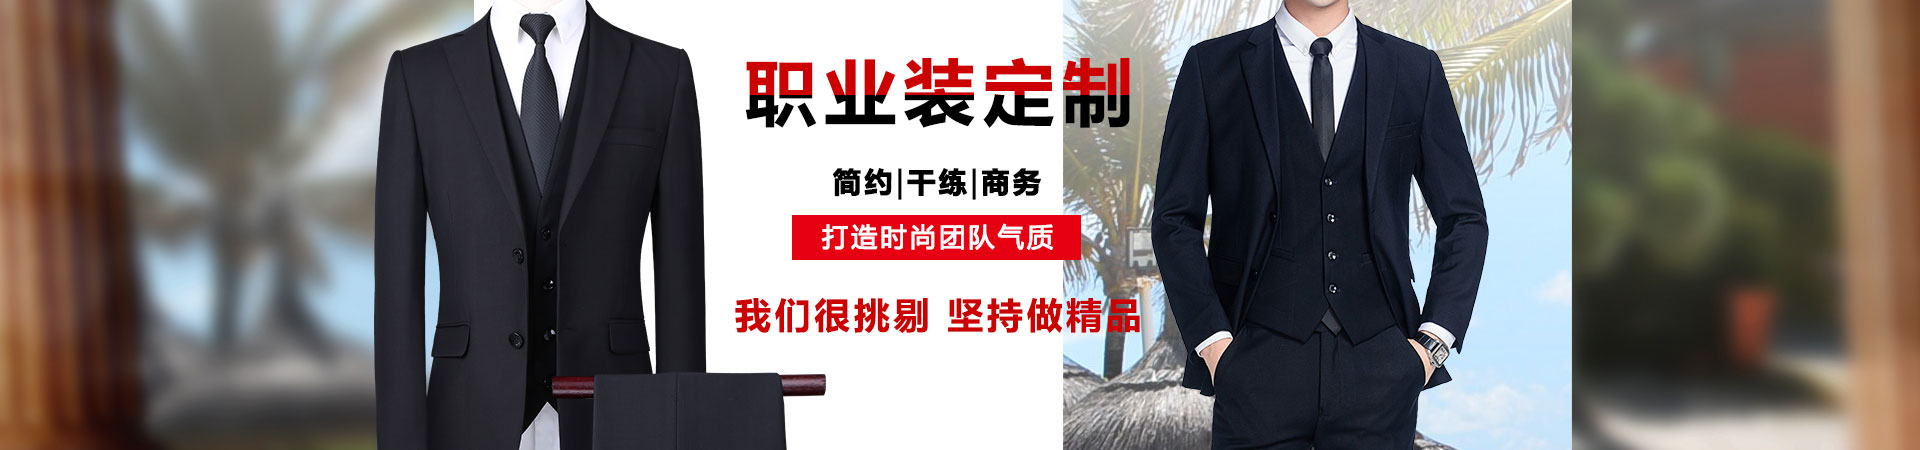 高端西装职业装万博体育manbetx官网网页版